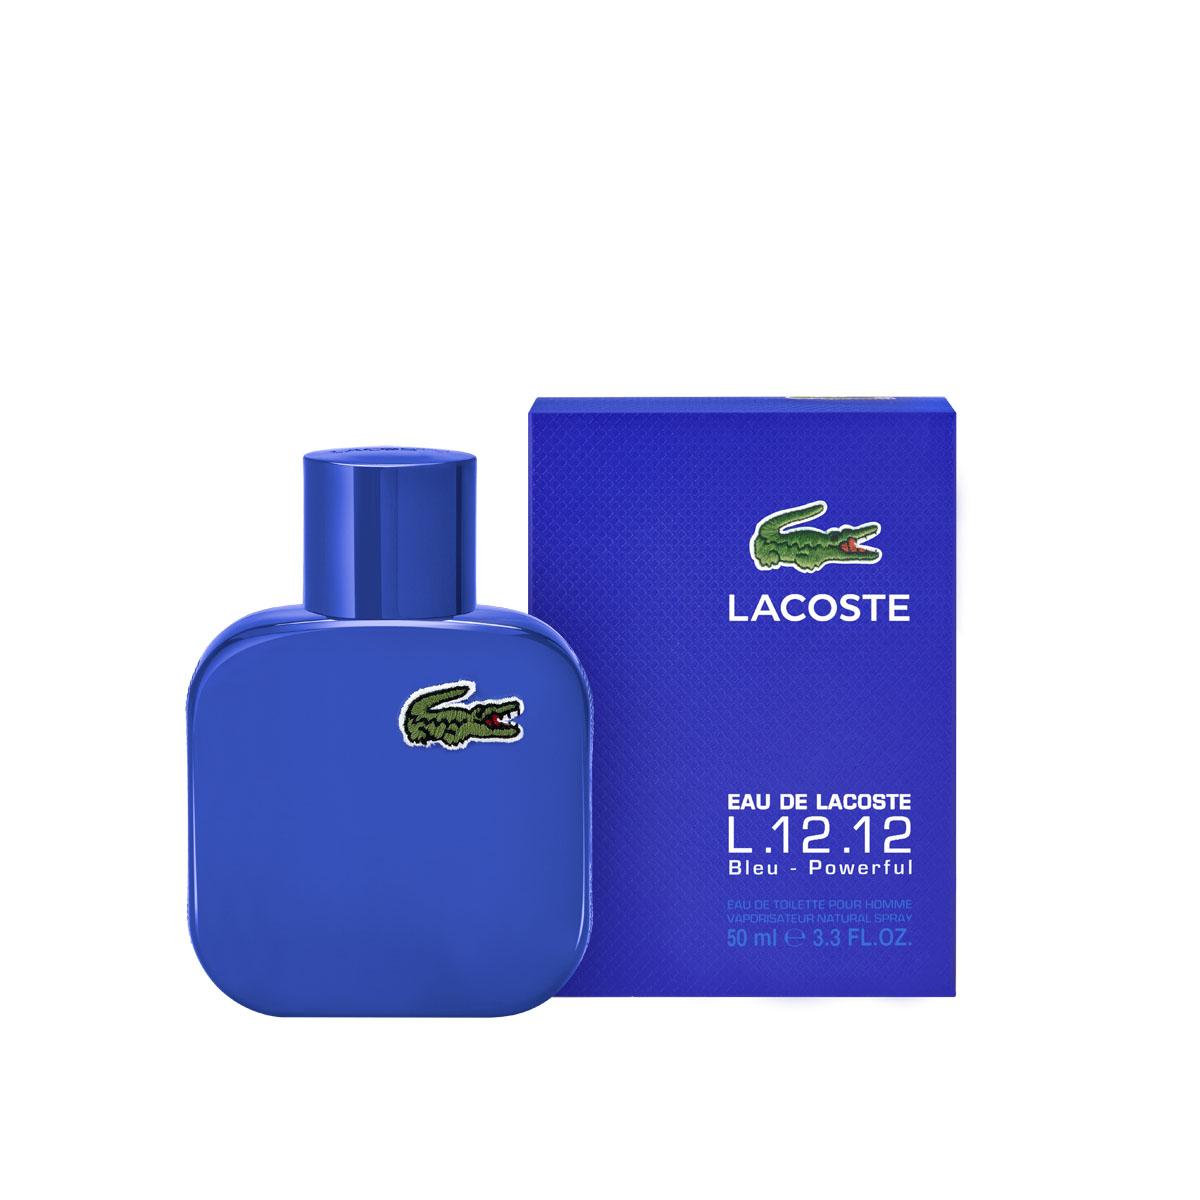 Lacoste Туалетная вода Eau De Lacoste L.12.12 Bleu, мужская, 50 мл0737052896458Lacoste Eau De Lacoste L.12.12 Blue это аромат человека, привыкшего всегда добиваться поставленных целей и доказывать свое полное превосходство. Lacoste Eau De Lacoste L. 12. 12 Blue идеально подчеркивает мужественность хозяина. Аромат прекрасно подойдет спокойным и уравновешенным натурам, осознающим свое значение и положение в обществе, в нем чувствуется определенная мерка качества присущая также и коллекциям, которые производит одноименная компания. Данное произведение парфюмерного искусства можно сравнить с бескрайним океаном, столь глубокое впечатление производит насыщенный и стойкий аромат. Издавна голубой цвет цвет королевской крови, традиционно считается воплощением королевской мужественности и силы, рисует образ победителя человека способного добиваться любых поставленных целей и способного доказывать свое превосходство при любых условиях. Хозяину аромата Lacoste Eau De Lacoste L. 12. 12 Blue неважно, где он находится и какая перед ним поставлена задача, она...